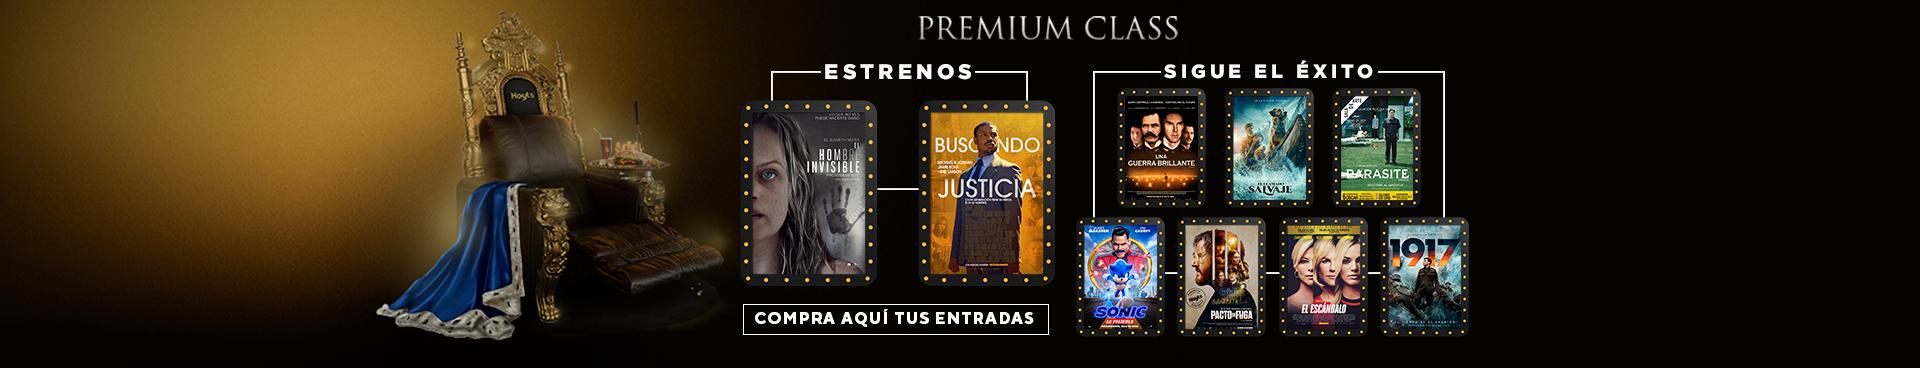 PREMIUM CLASS: EL HOMBRE INVISIBLE + BUSCANDO JUSTICIA // SIGUE EL ÉXITO: UNA GUERRA BRILLANTE + EL LLAMADO SALVAJE +  PARASITE + SONIC: LA PELÍCULA + PACTO DE FUGA + EL ESCANDALO  + 1917  , COMPRA AQUÍ TUS ENTRADAS